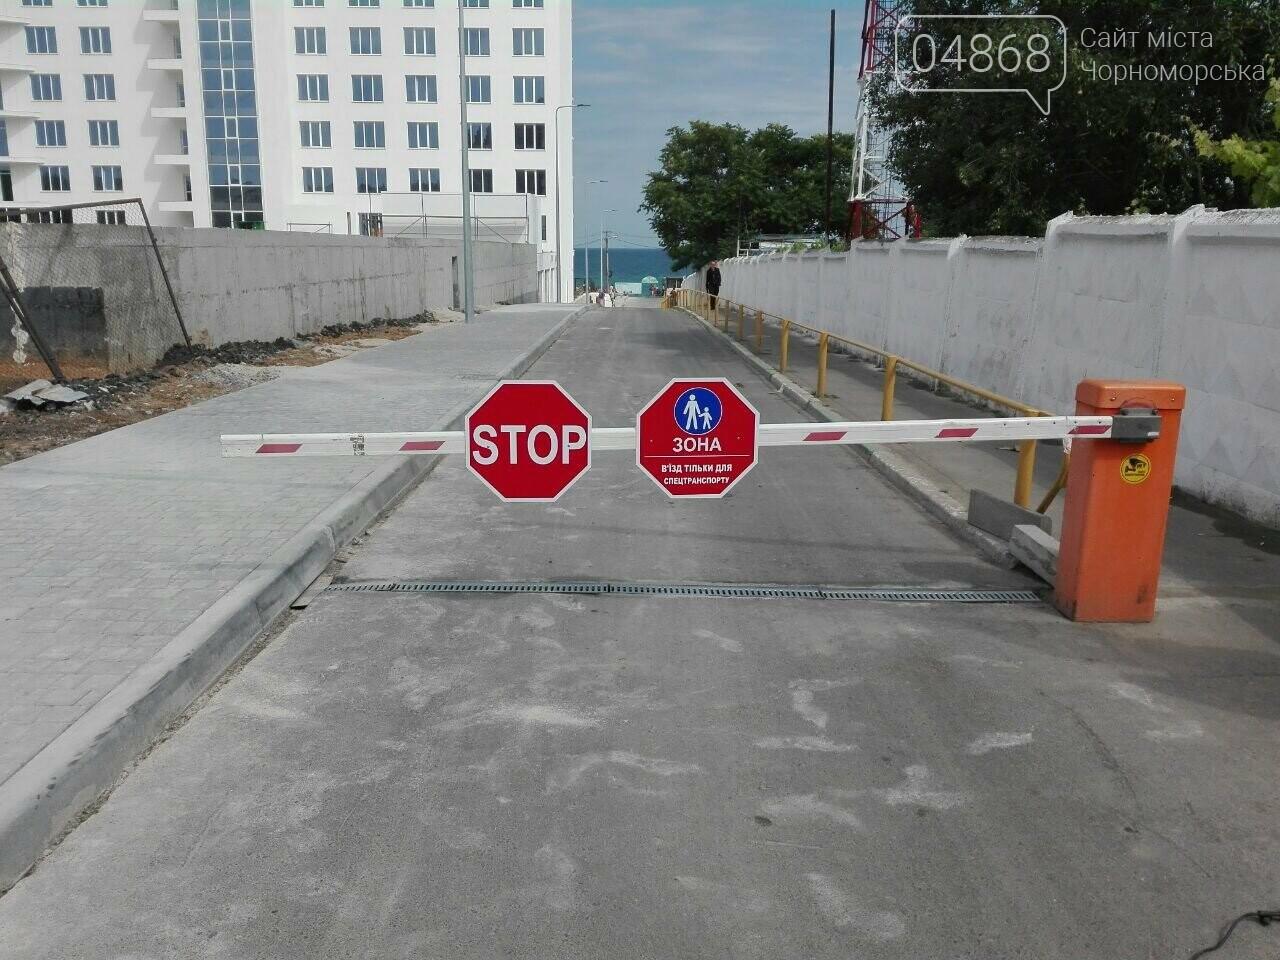 «Центр Безопасности Юг» обеспечивает спокойный досуг жителей и гостей Черноморска, фото-2